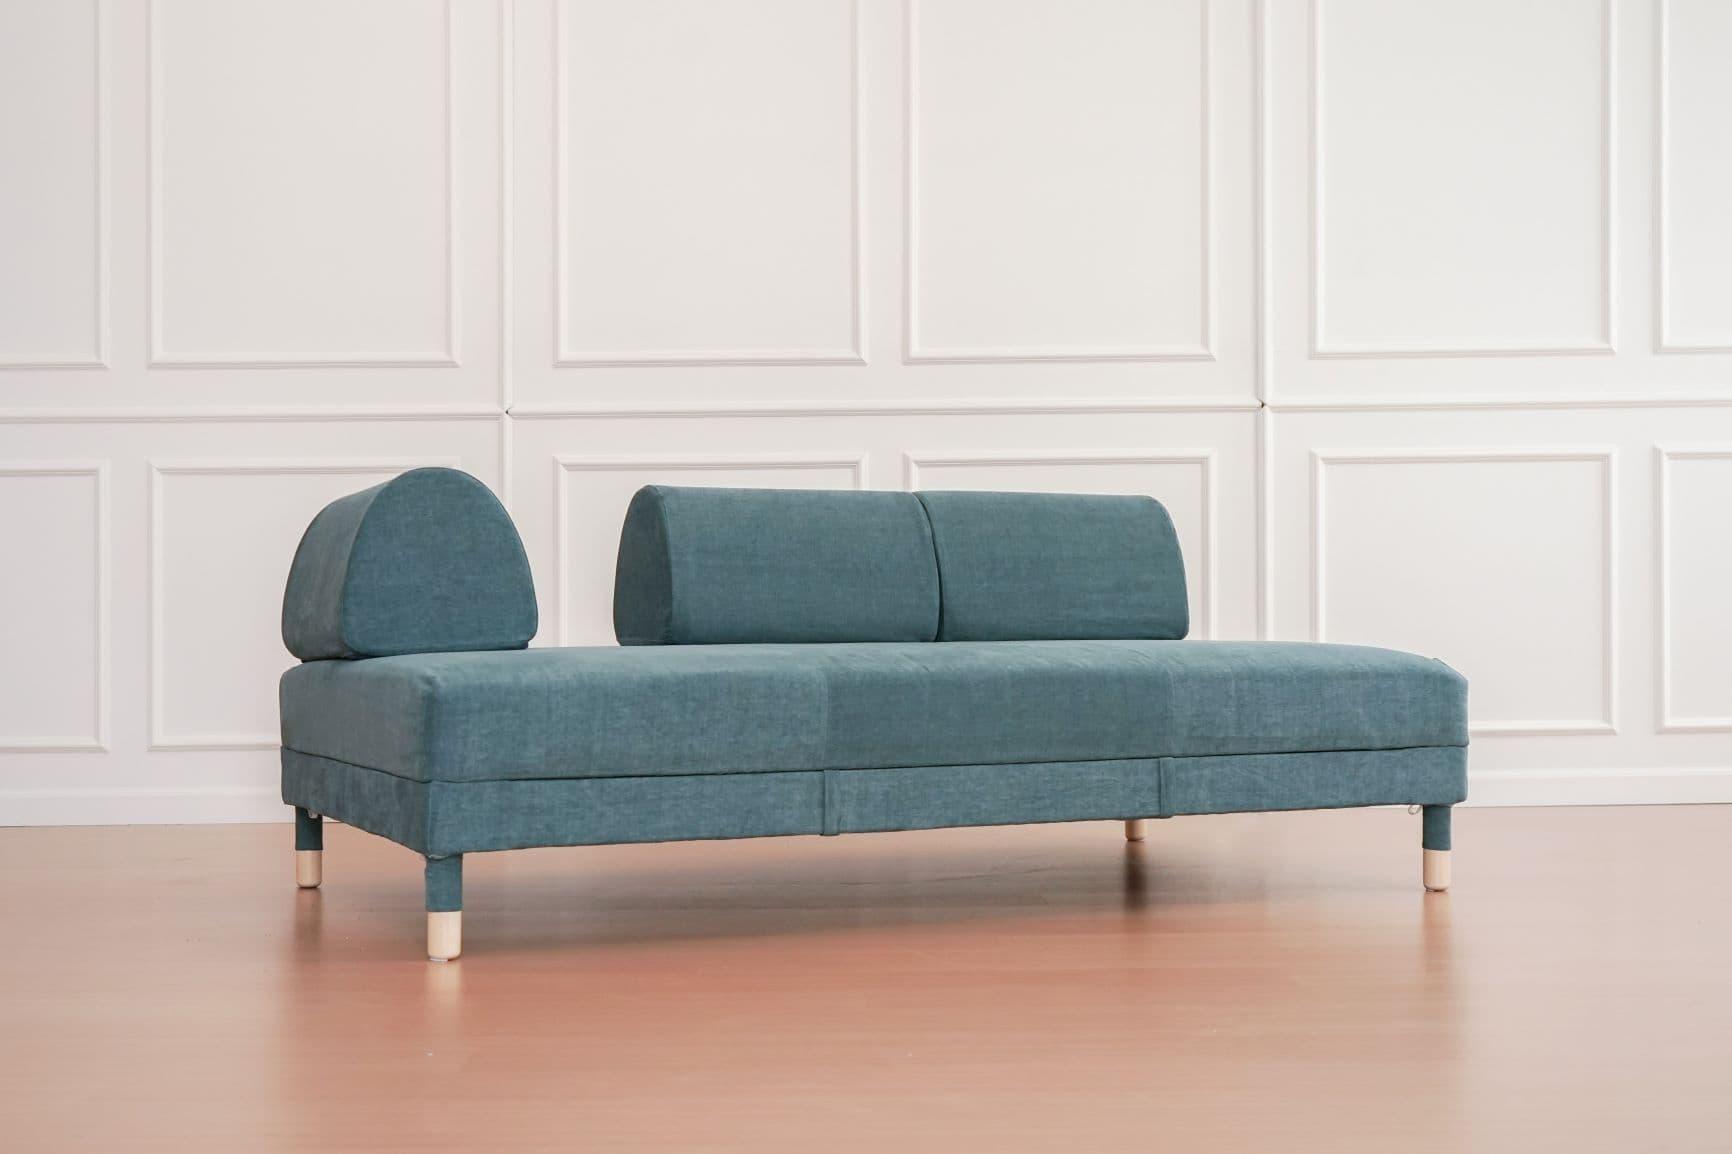 Ikea Federe Cuscini Divano flottebo sofa bed cover